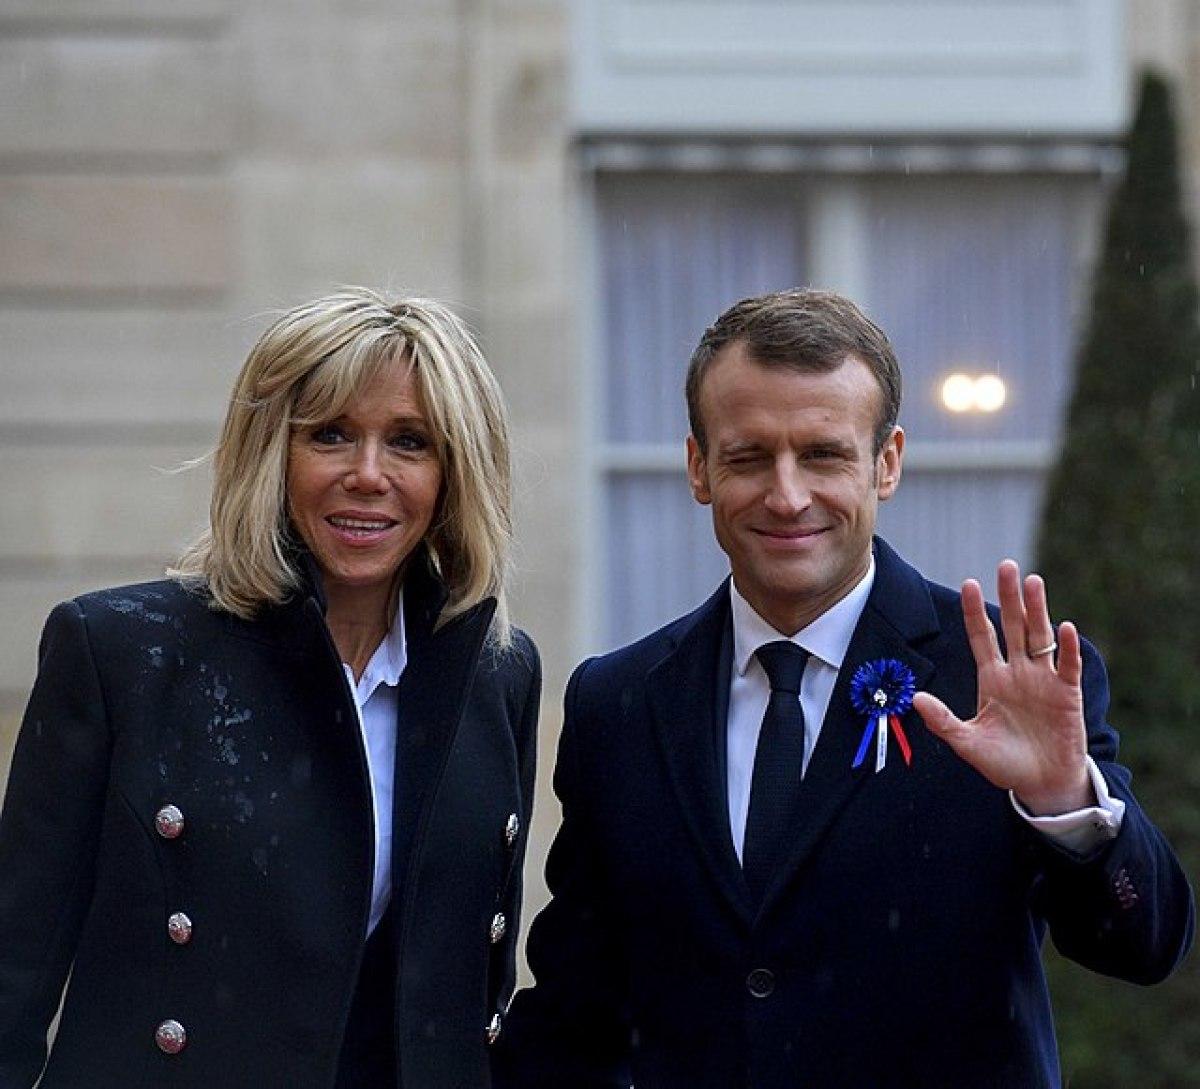 politique logement Macron  – photo du Président de la République française et de sa femme